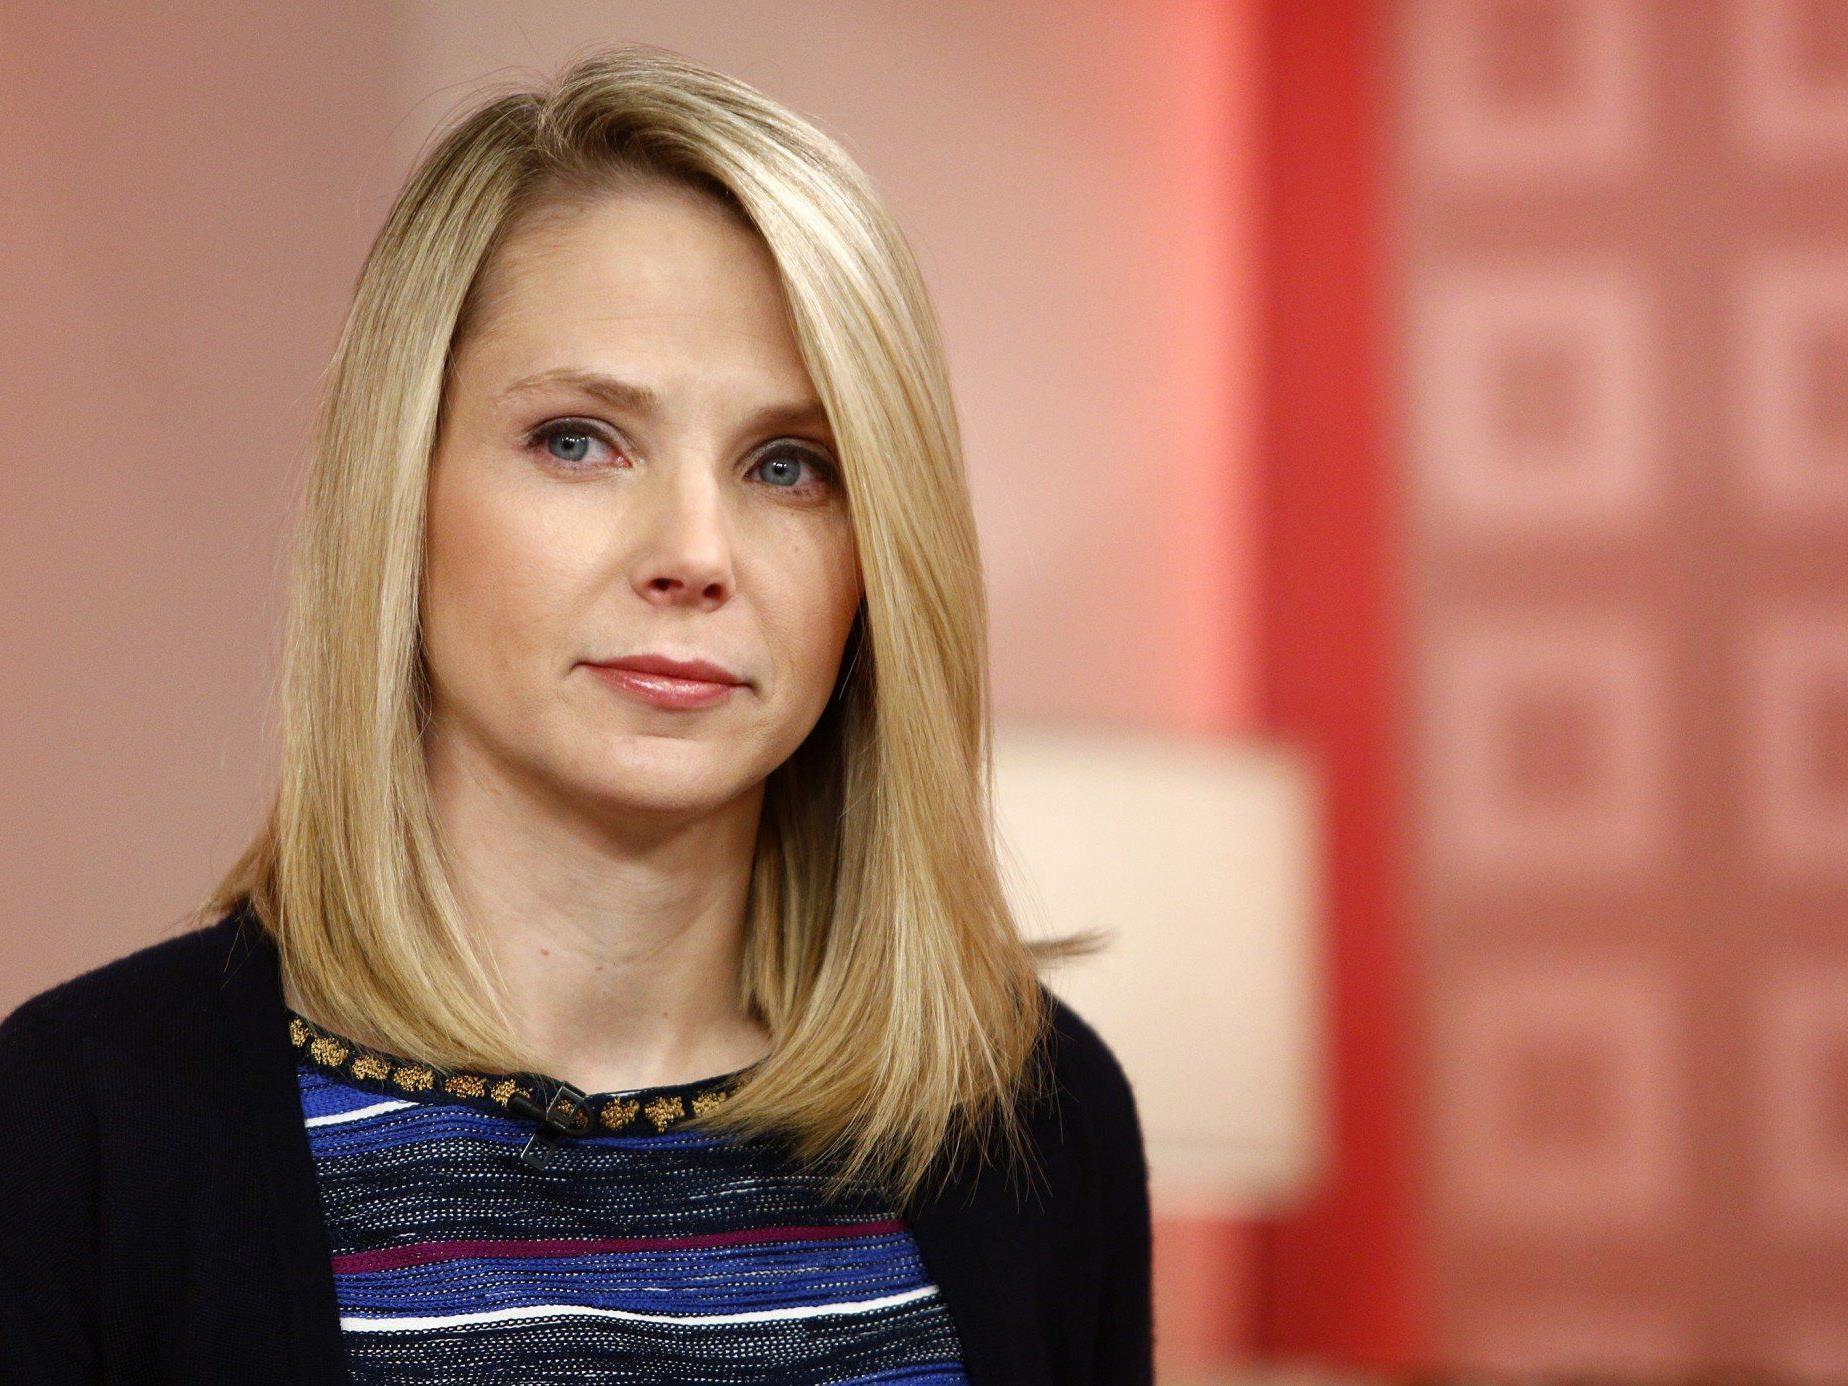 Die Yahoo-Chefin Marissa Mayer hat Angst vor dem Gefängnis, das ihr droht, falls sie nicht mit dem Geheimdienst kooperiert.